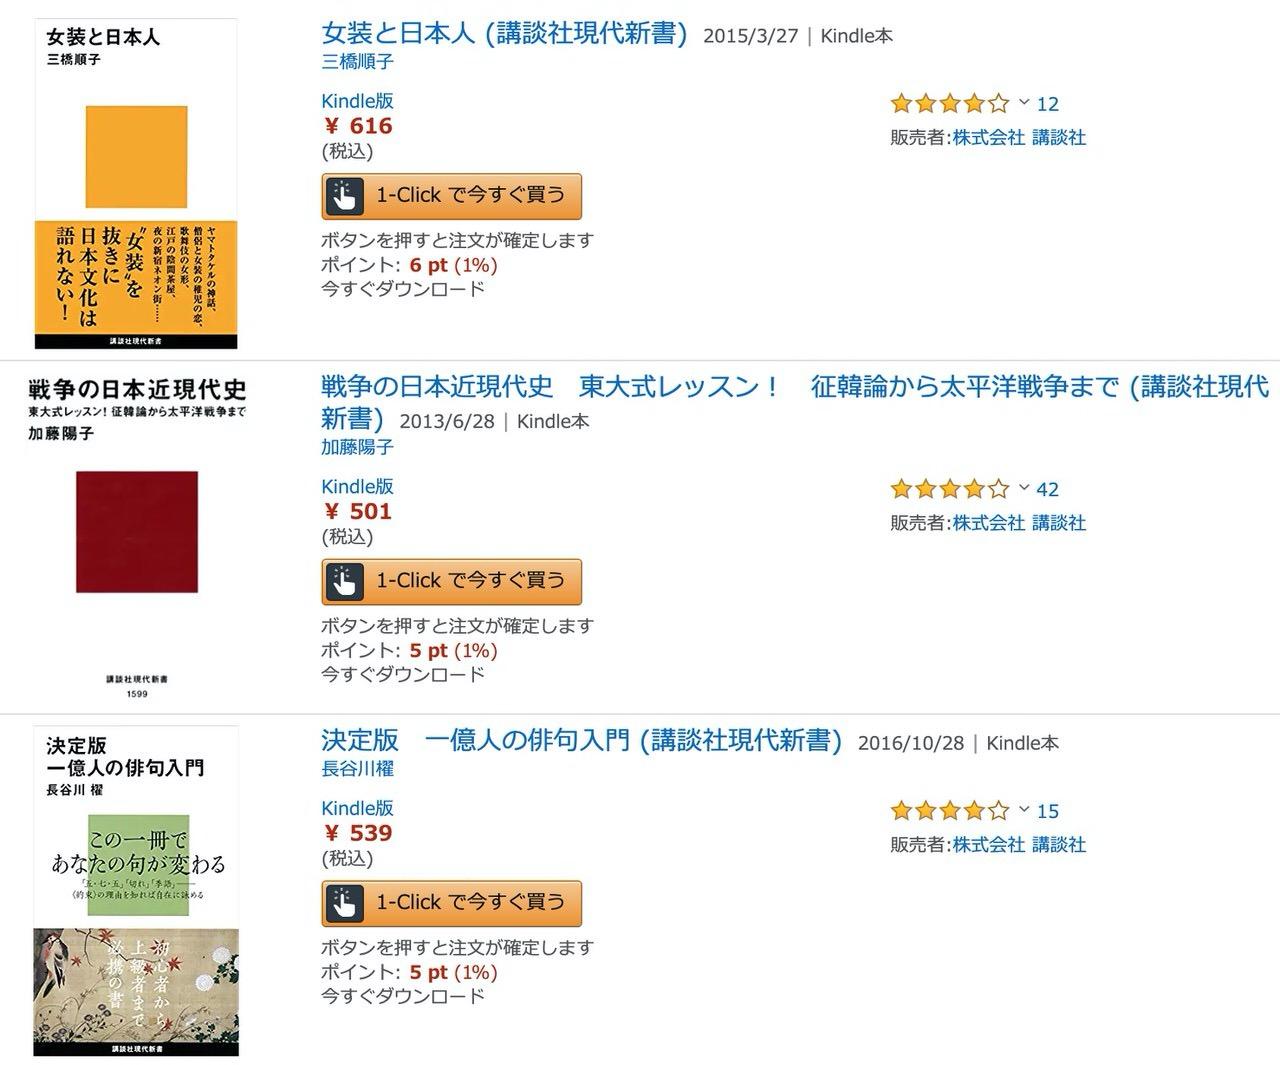 【Kindleセール】女装と日本人、ウルトラマンが泣いている、ユーミンの罪など新書で読む「日本の文化・歴史」フェア(2/6まで)